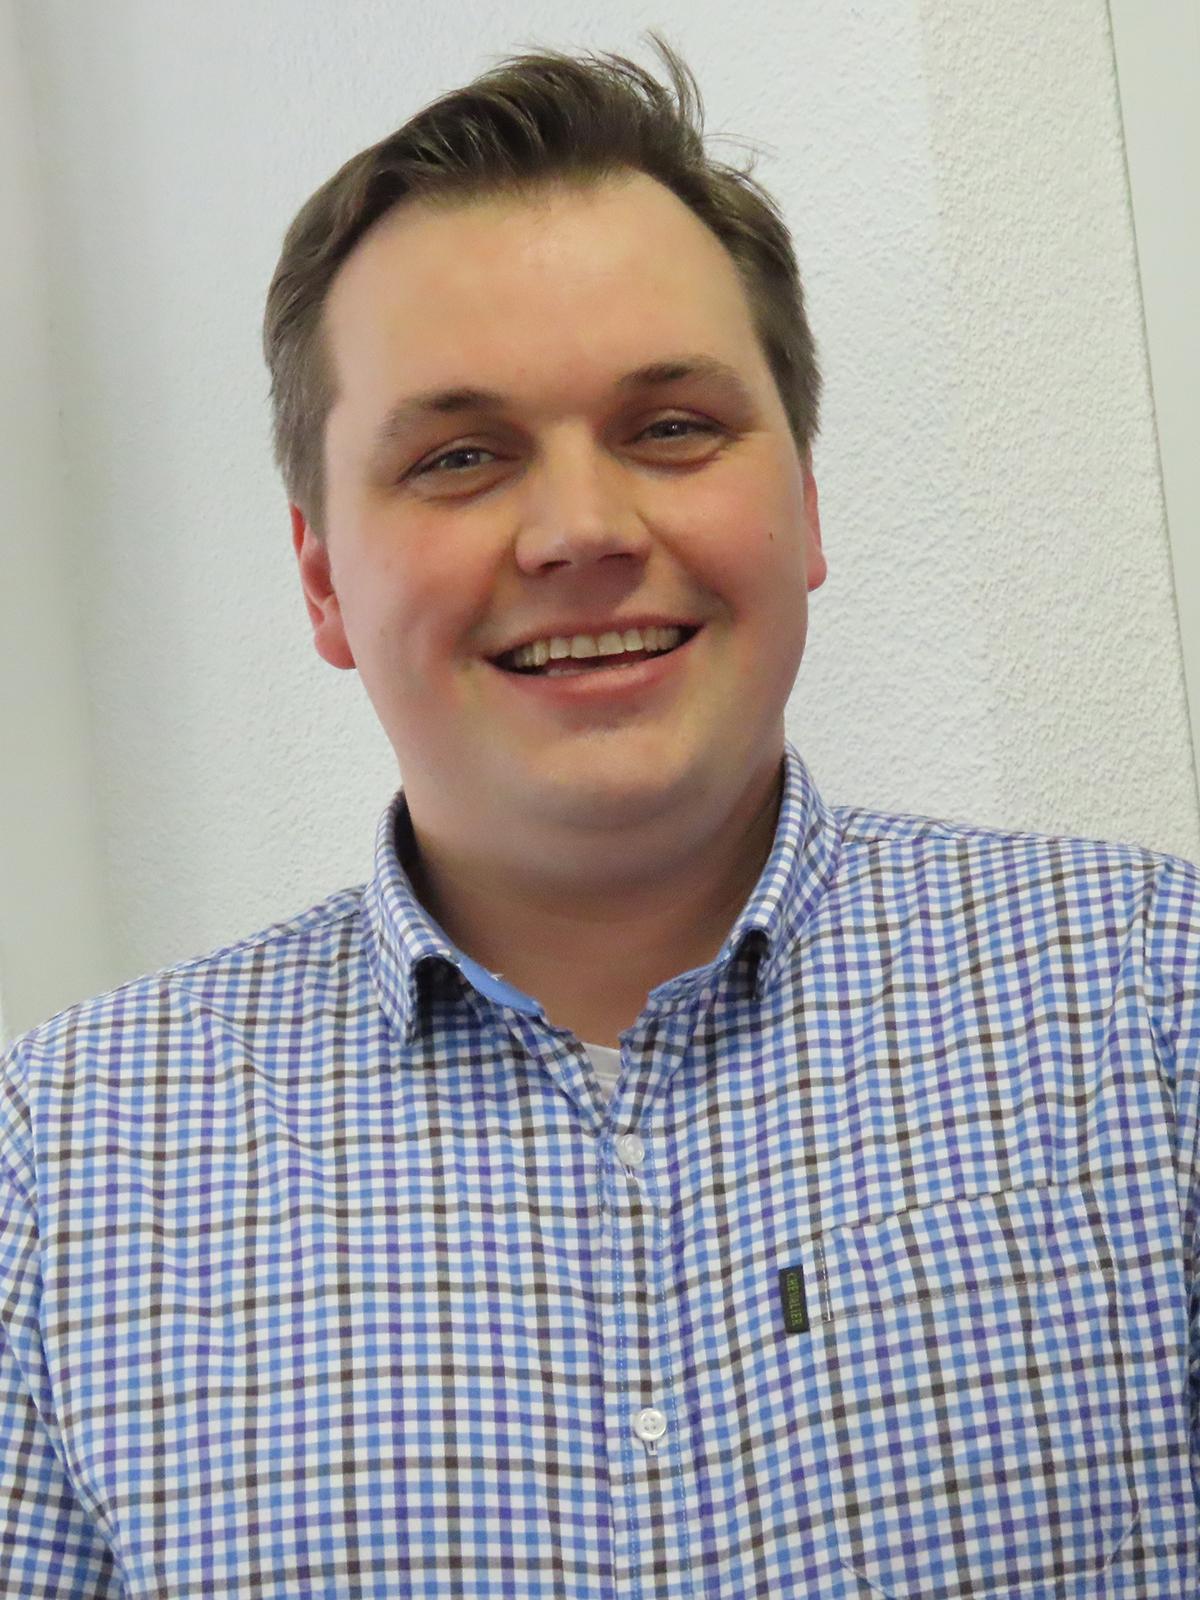 Frank van Vliet